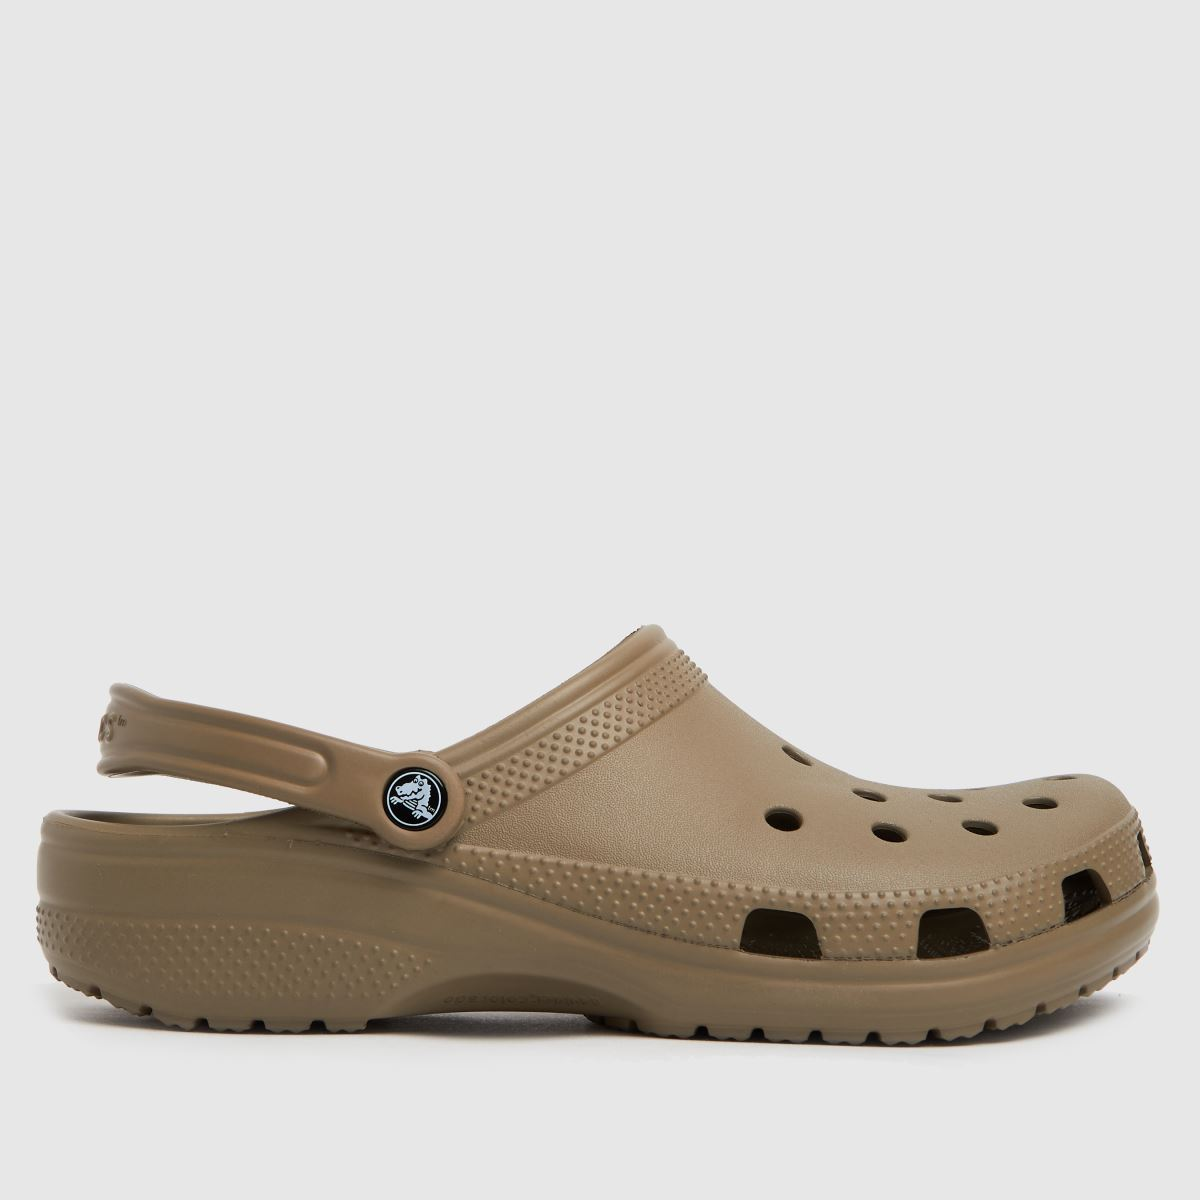 Crocs Khaki Classic Clog Sandals